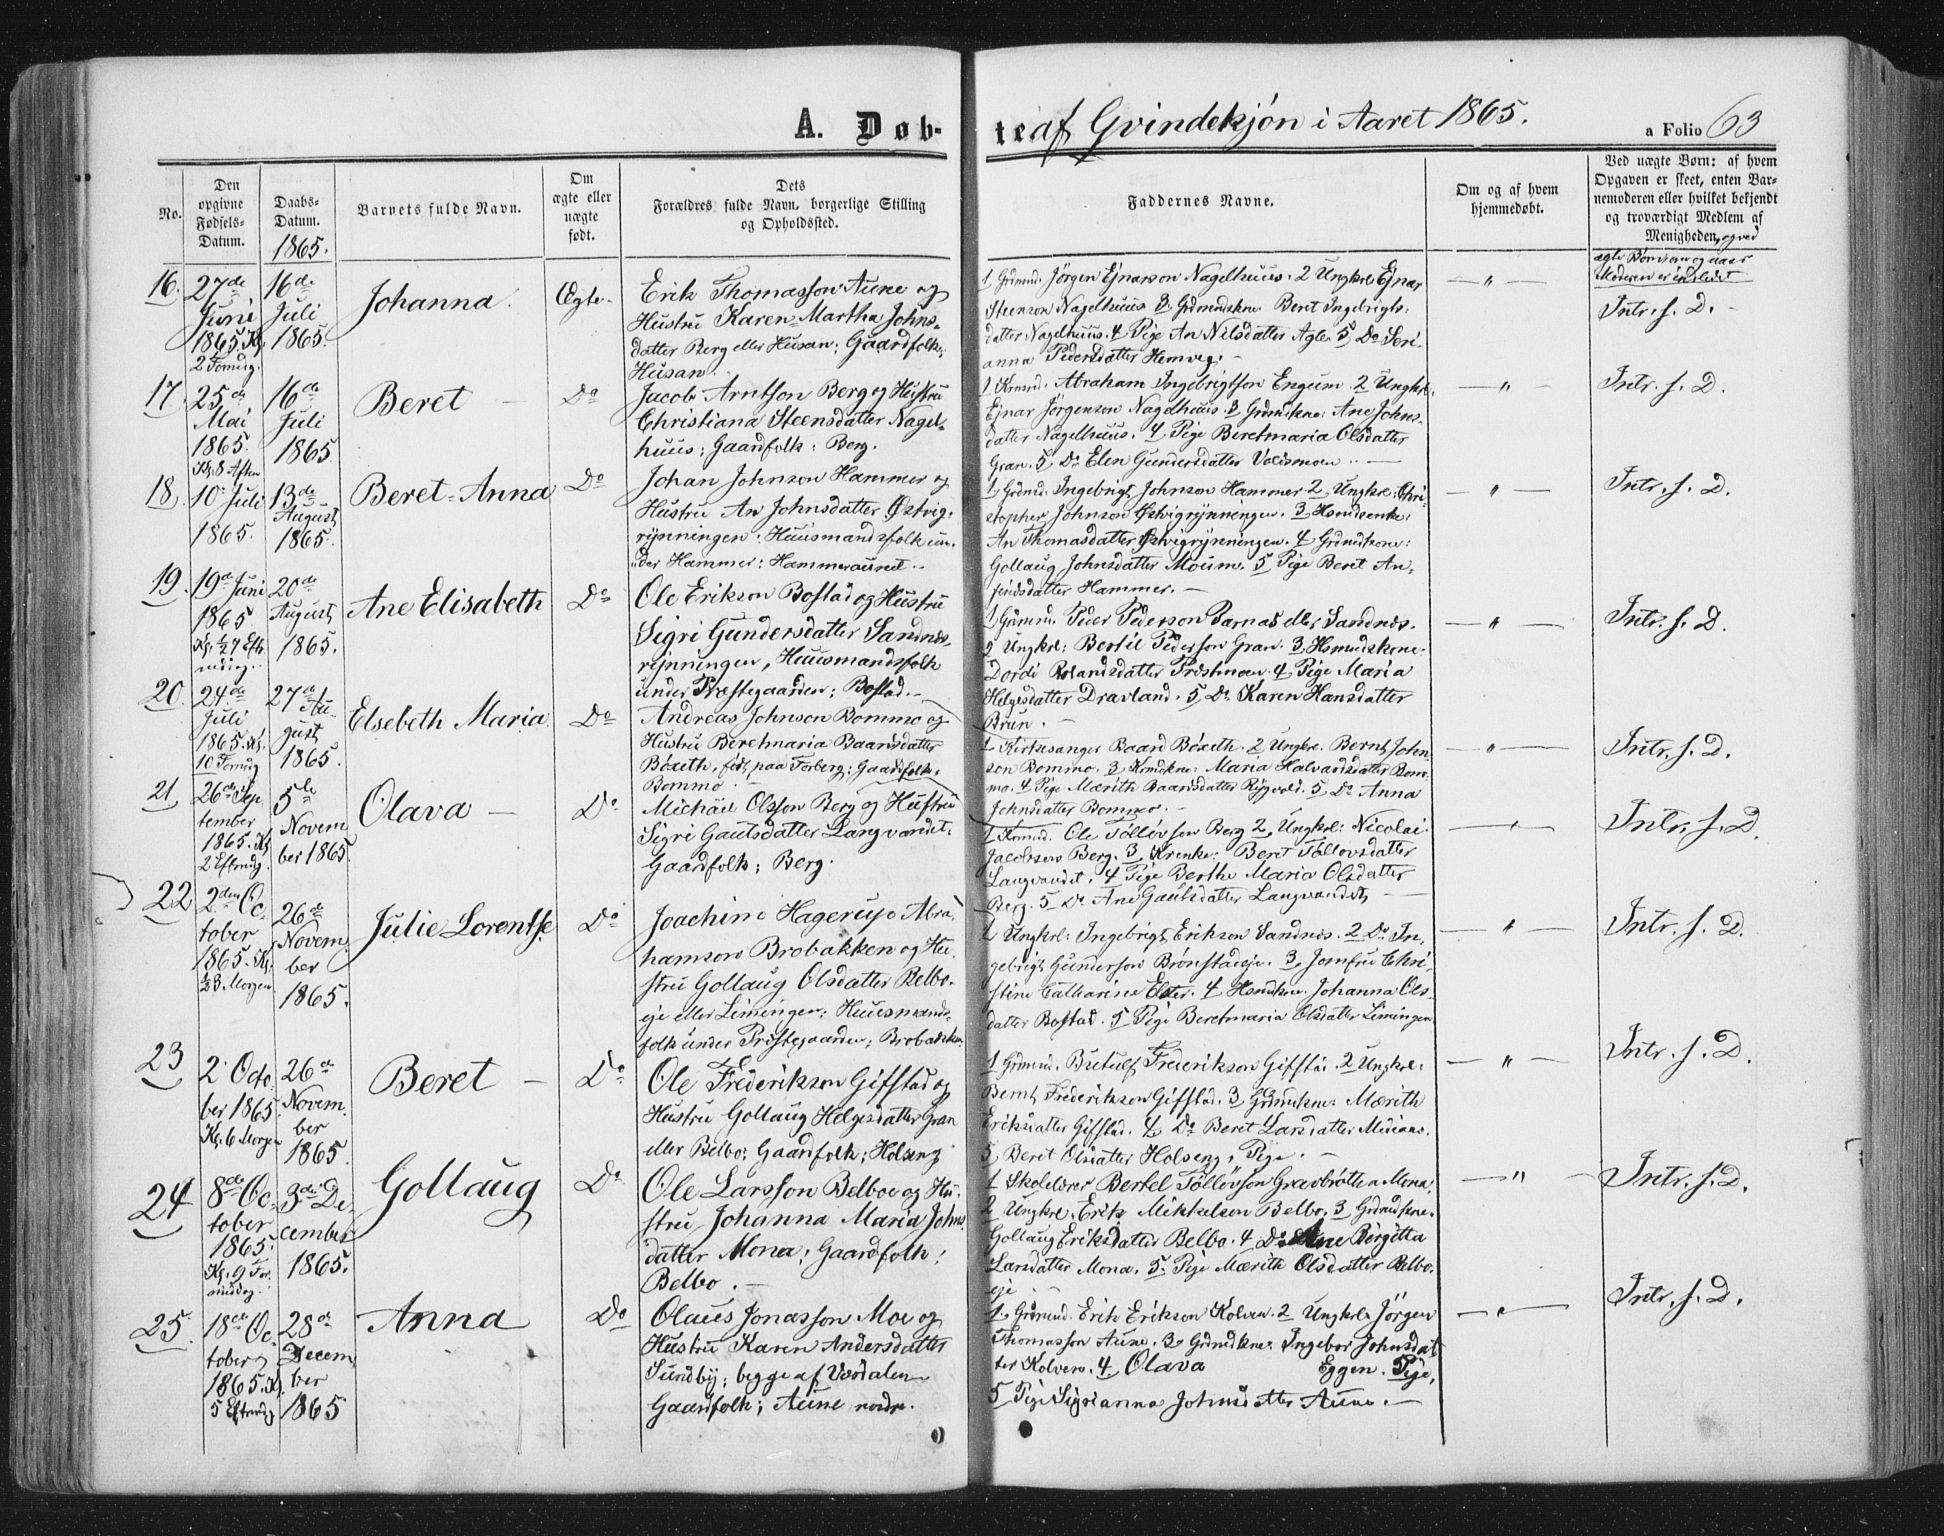 SAT, Ministerialprotokoller, klokkerbøker og fødselsregistre - Nord-Trøndelag, 749/L0472: Ministerialbok nr. 749A06, 1857-1873, s. 63